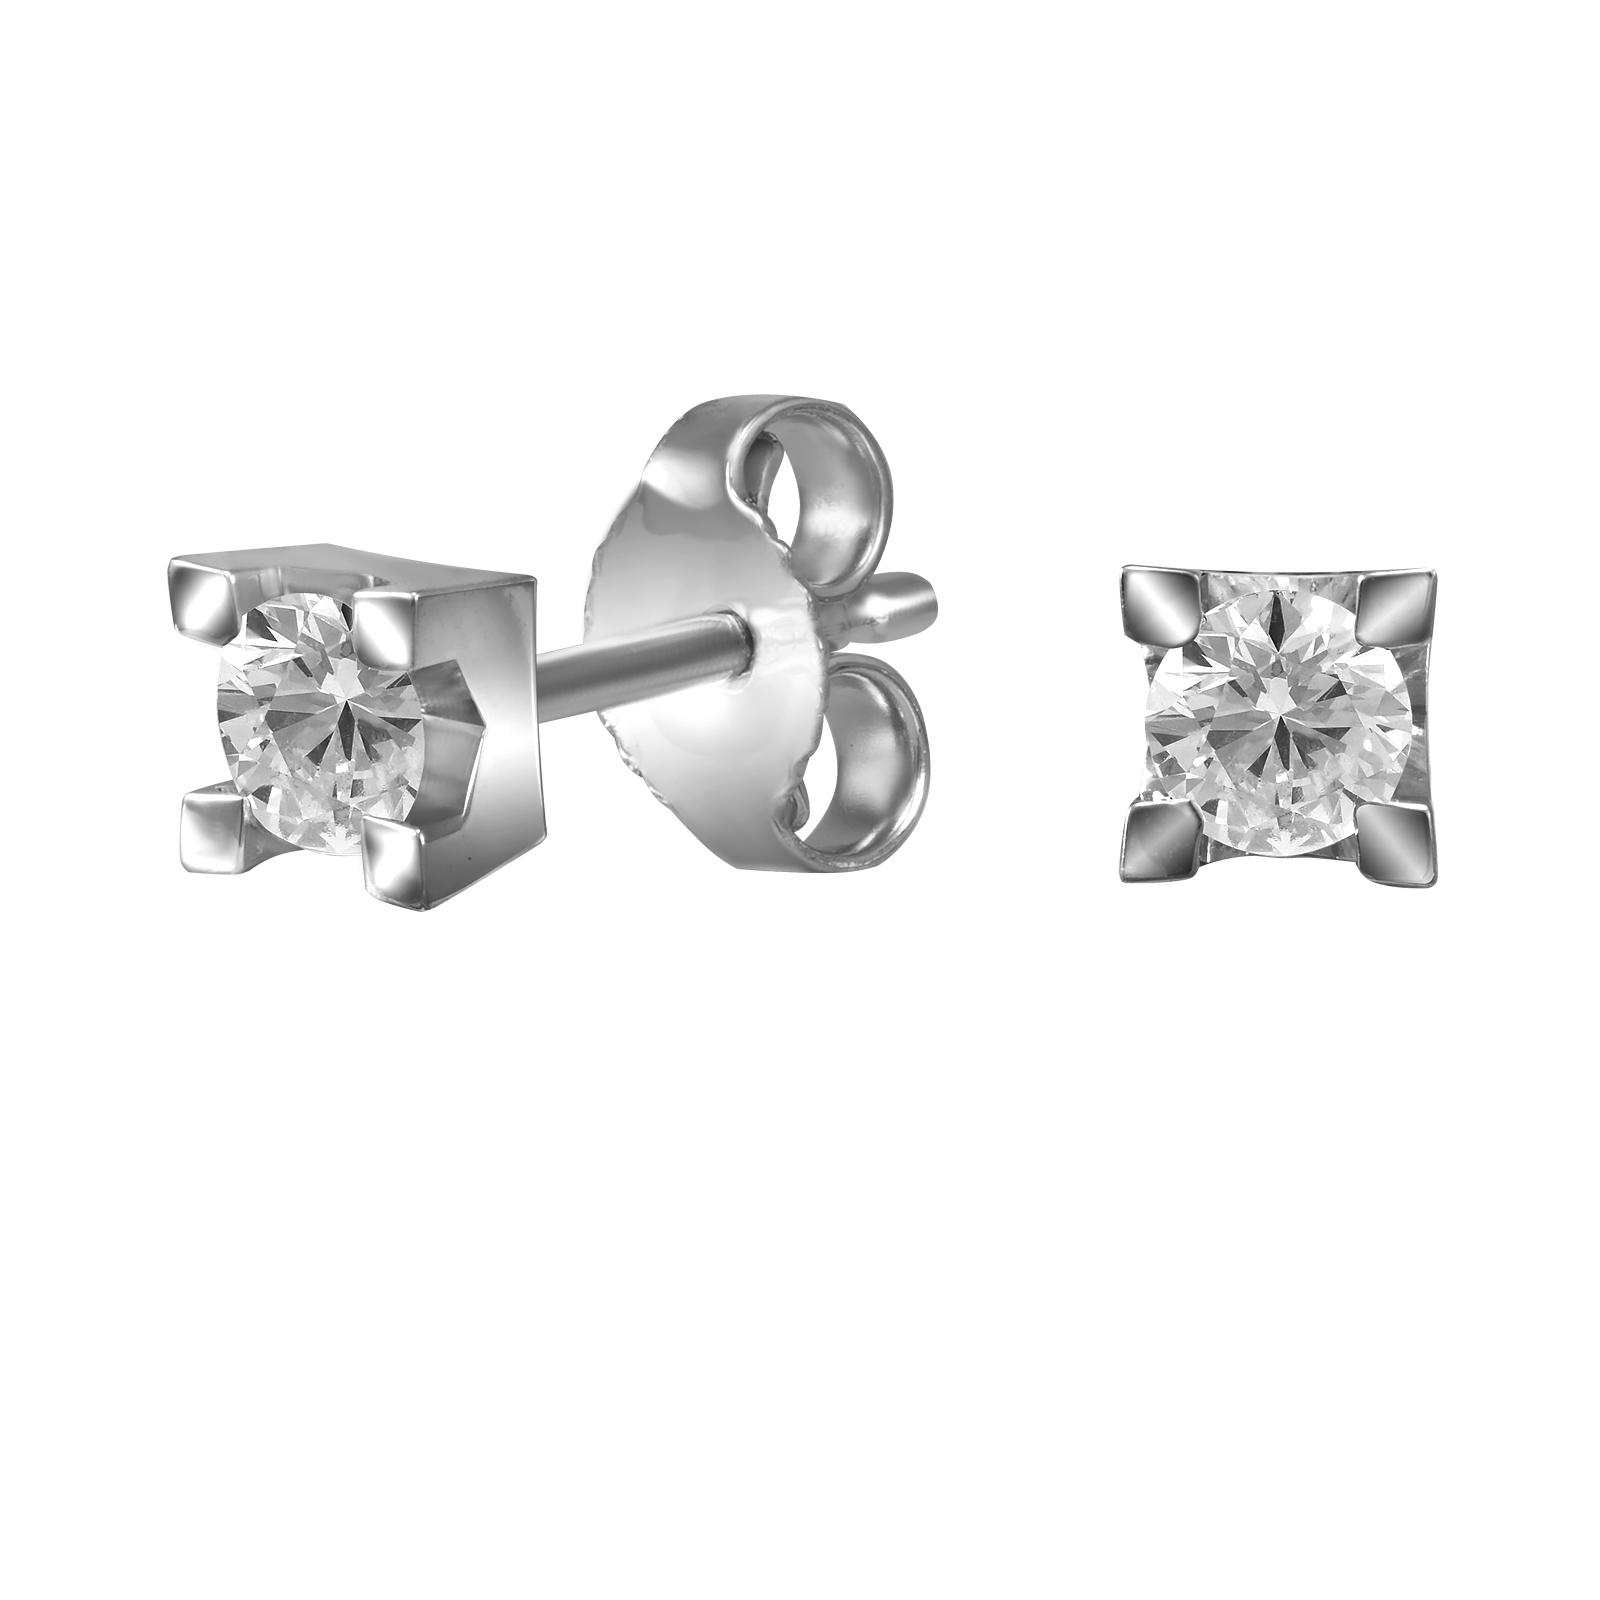 Ювелирные изделия Tramontano Gioielli. Купить ювелирные изделия Tramontano  Gioielli dd900686598